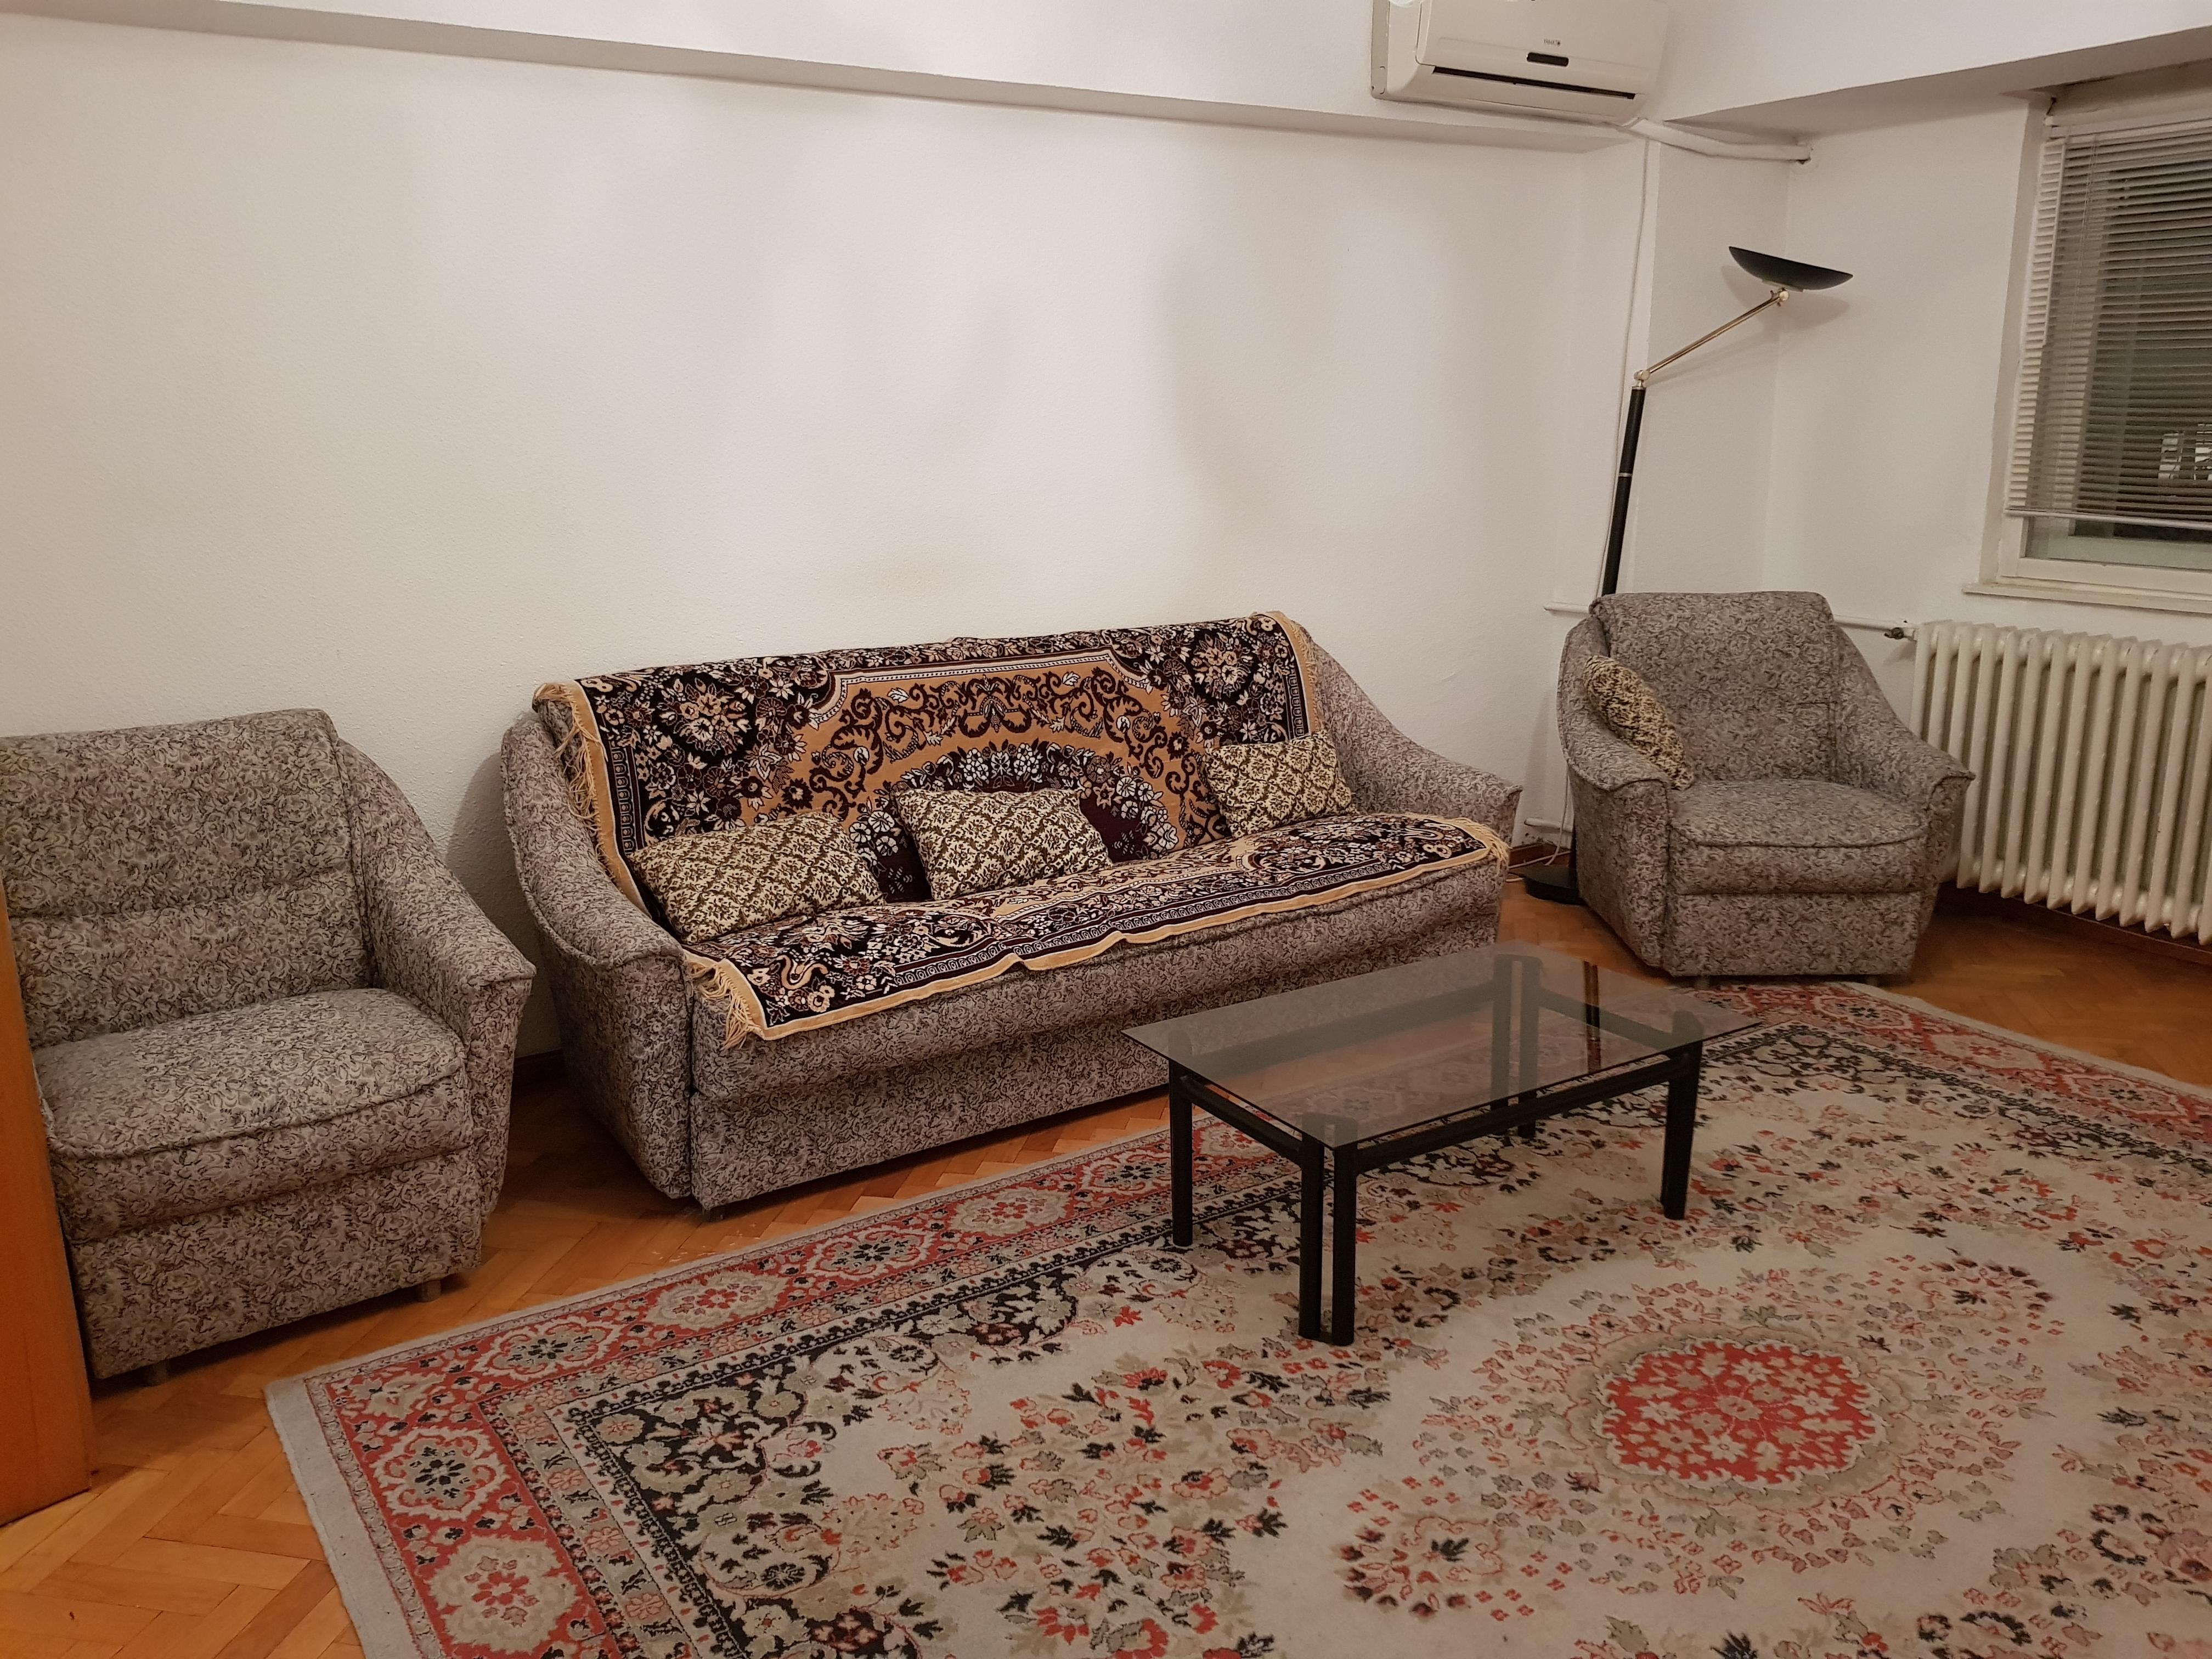 Inchiriere apartament 4 camere zona Unirii, Bucuresti